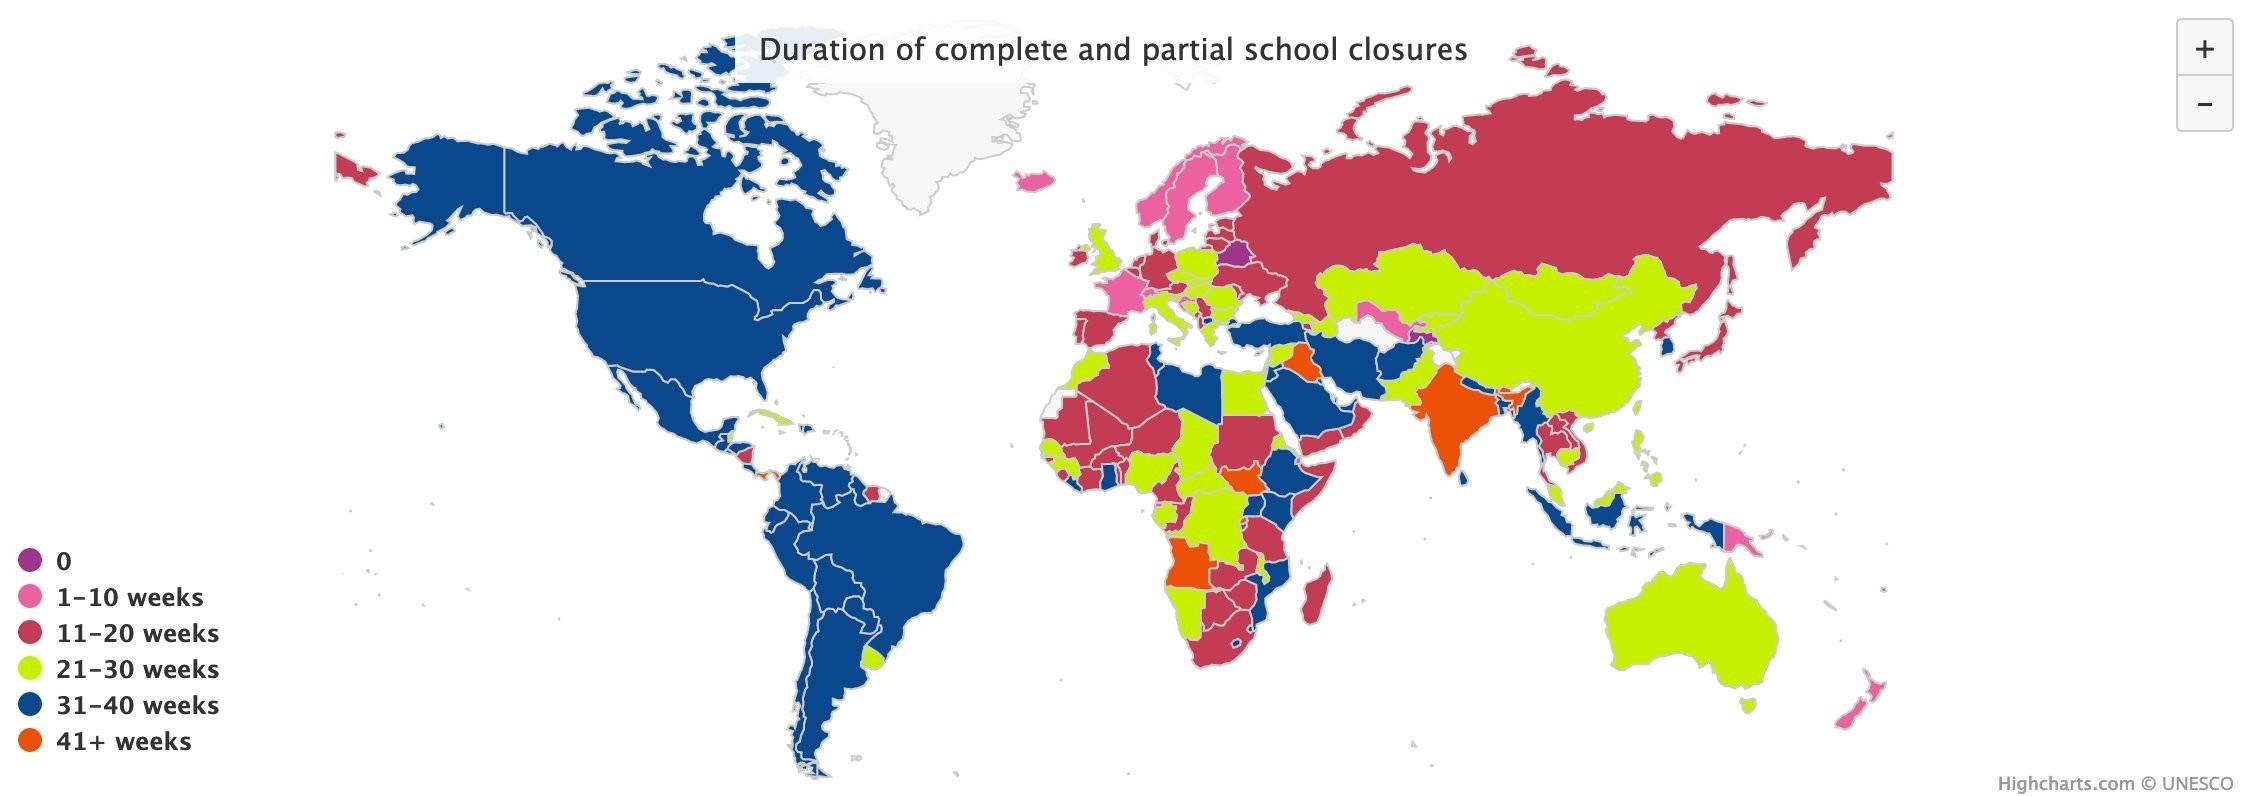 Relatório da Unesco mostra que estudantes perderam em média 2/3 do ano letivo por causa da pandemia